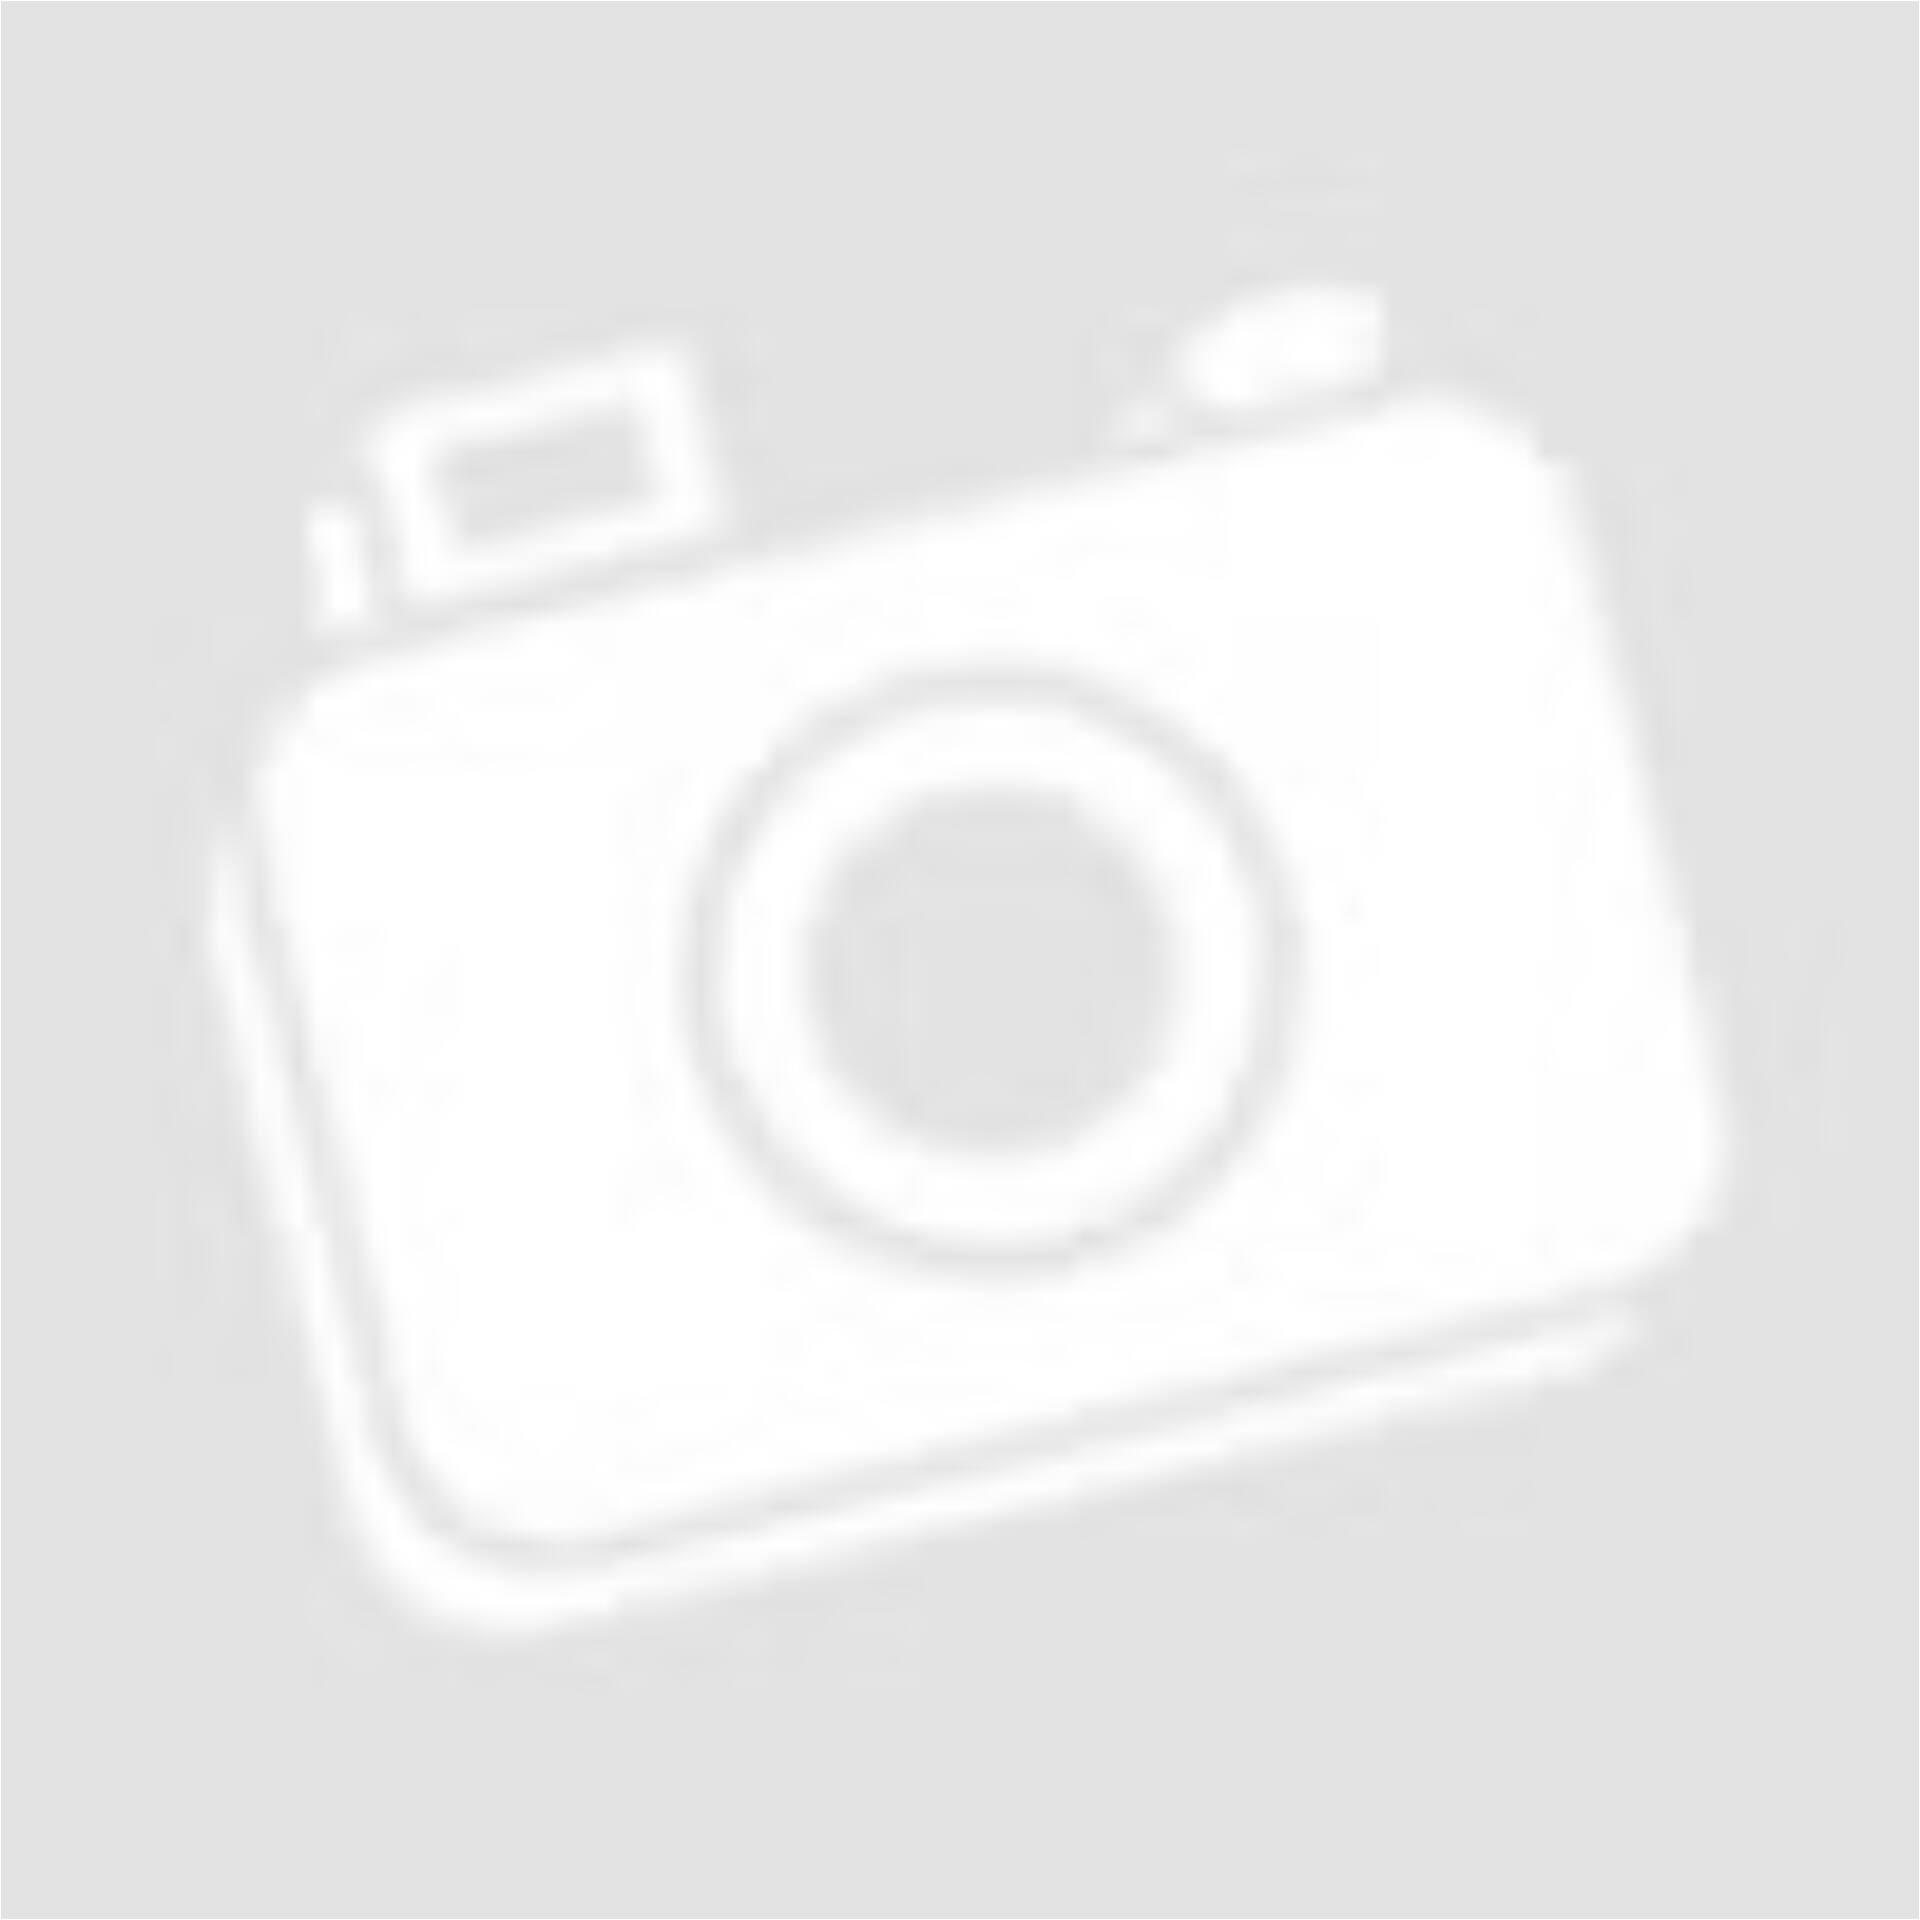 221d666ef2 CANVAS bordó bársonyos anyagú ruha (Méret: L) - Alkalmi ruha ...